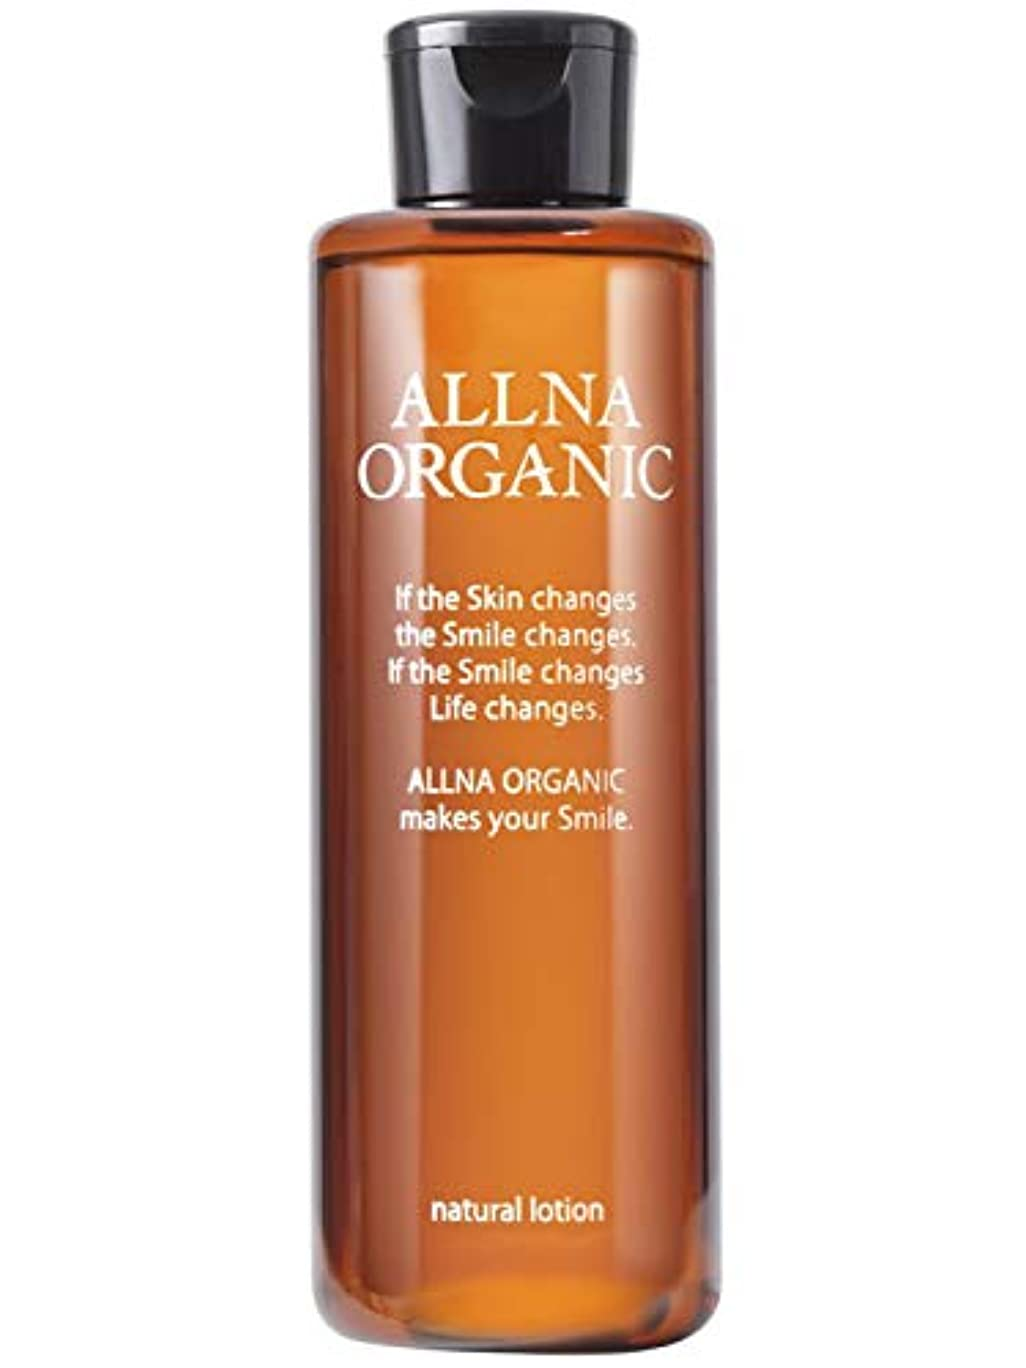 勝つ蒸発スペードオルナ オーガニック 化粧水 「 保湿 乾燥 かさつき 用」「 コラーゲン ビタミンC誘導体 ヒアルロン酸 セラミド 配合」200ml